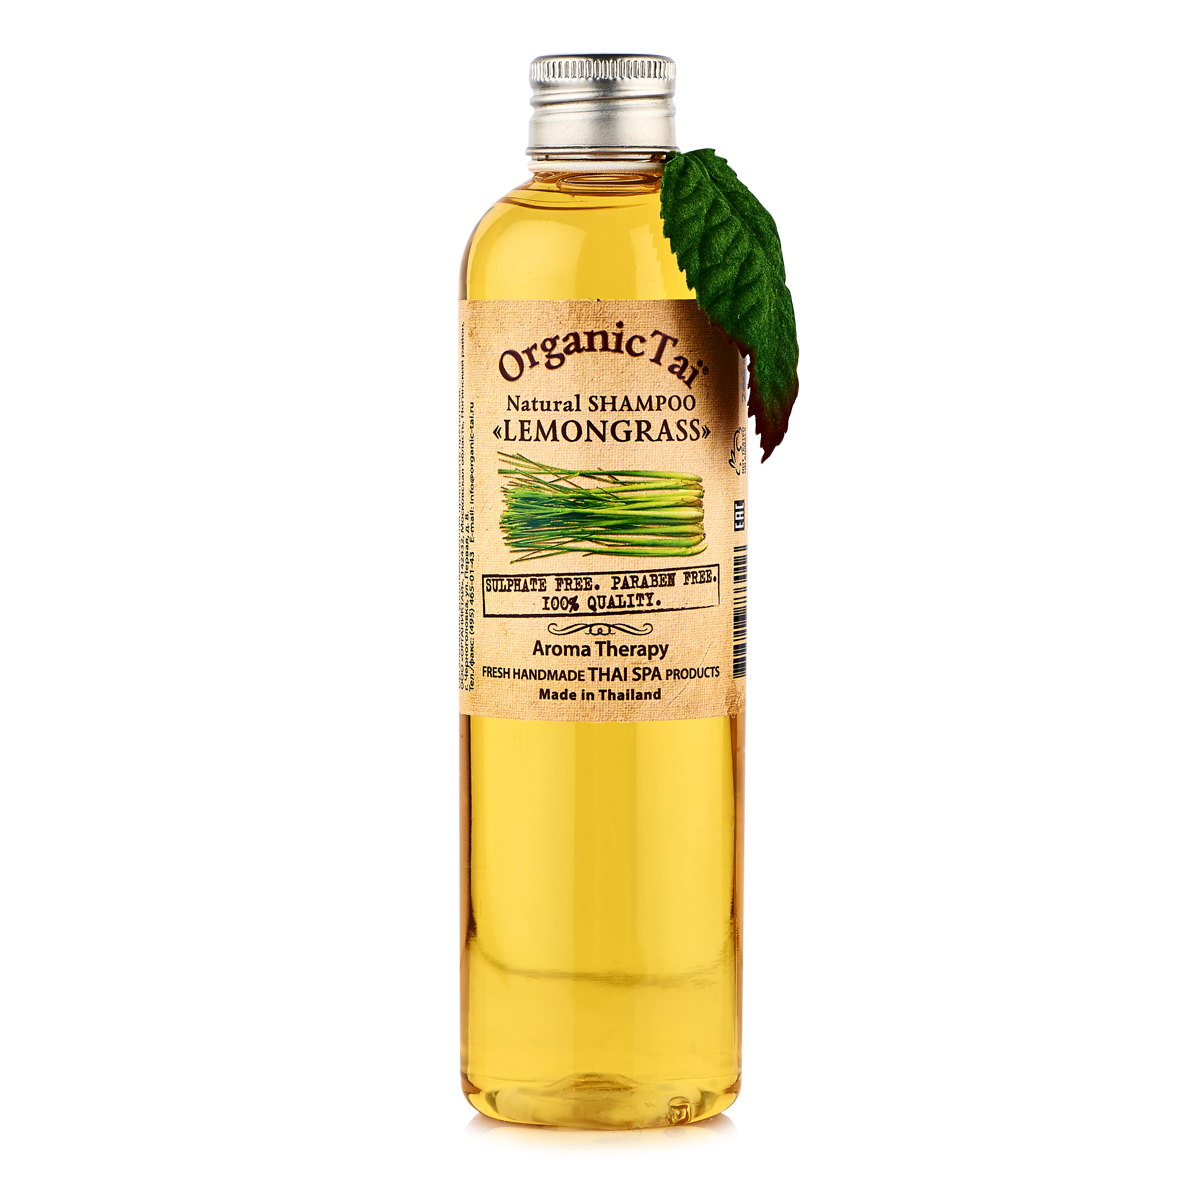 OrganicTai Натуральный гель для душа «ЛЕМОНГРАСС»260 мл organictai масло для тела и аромамассажа лемонграсс жожоба и персик 1000 мл